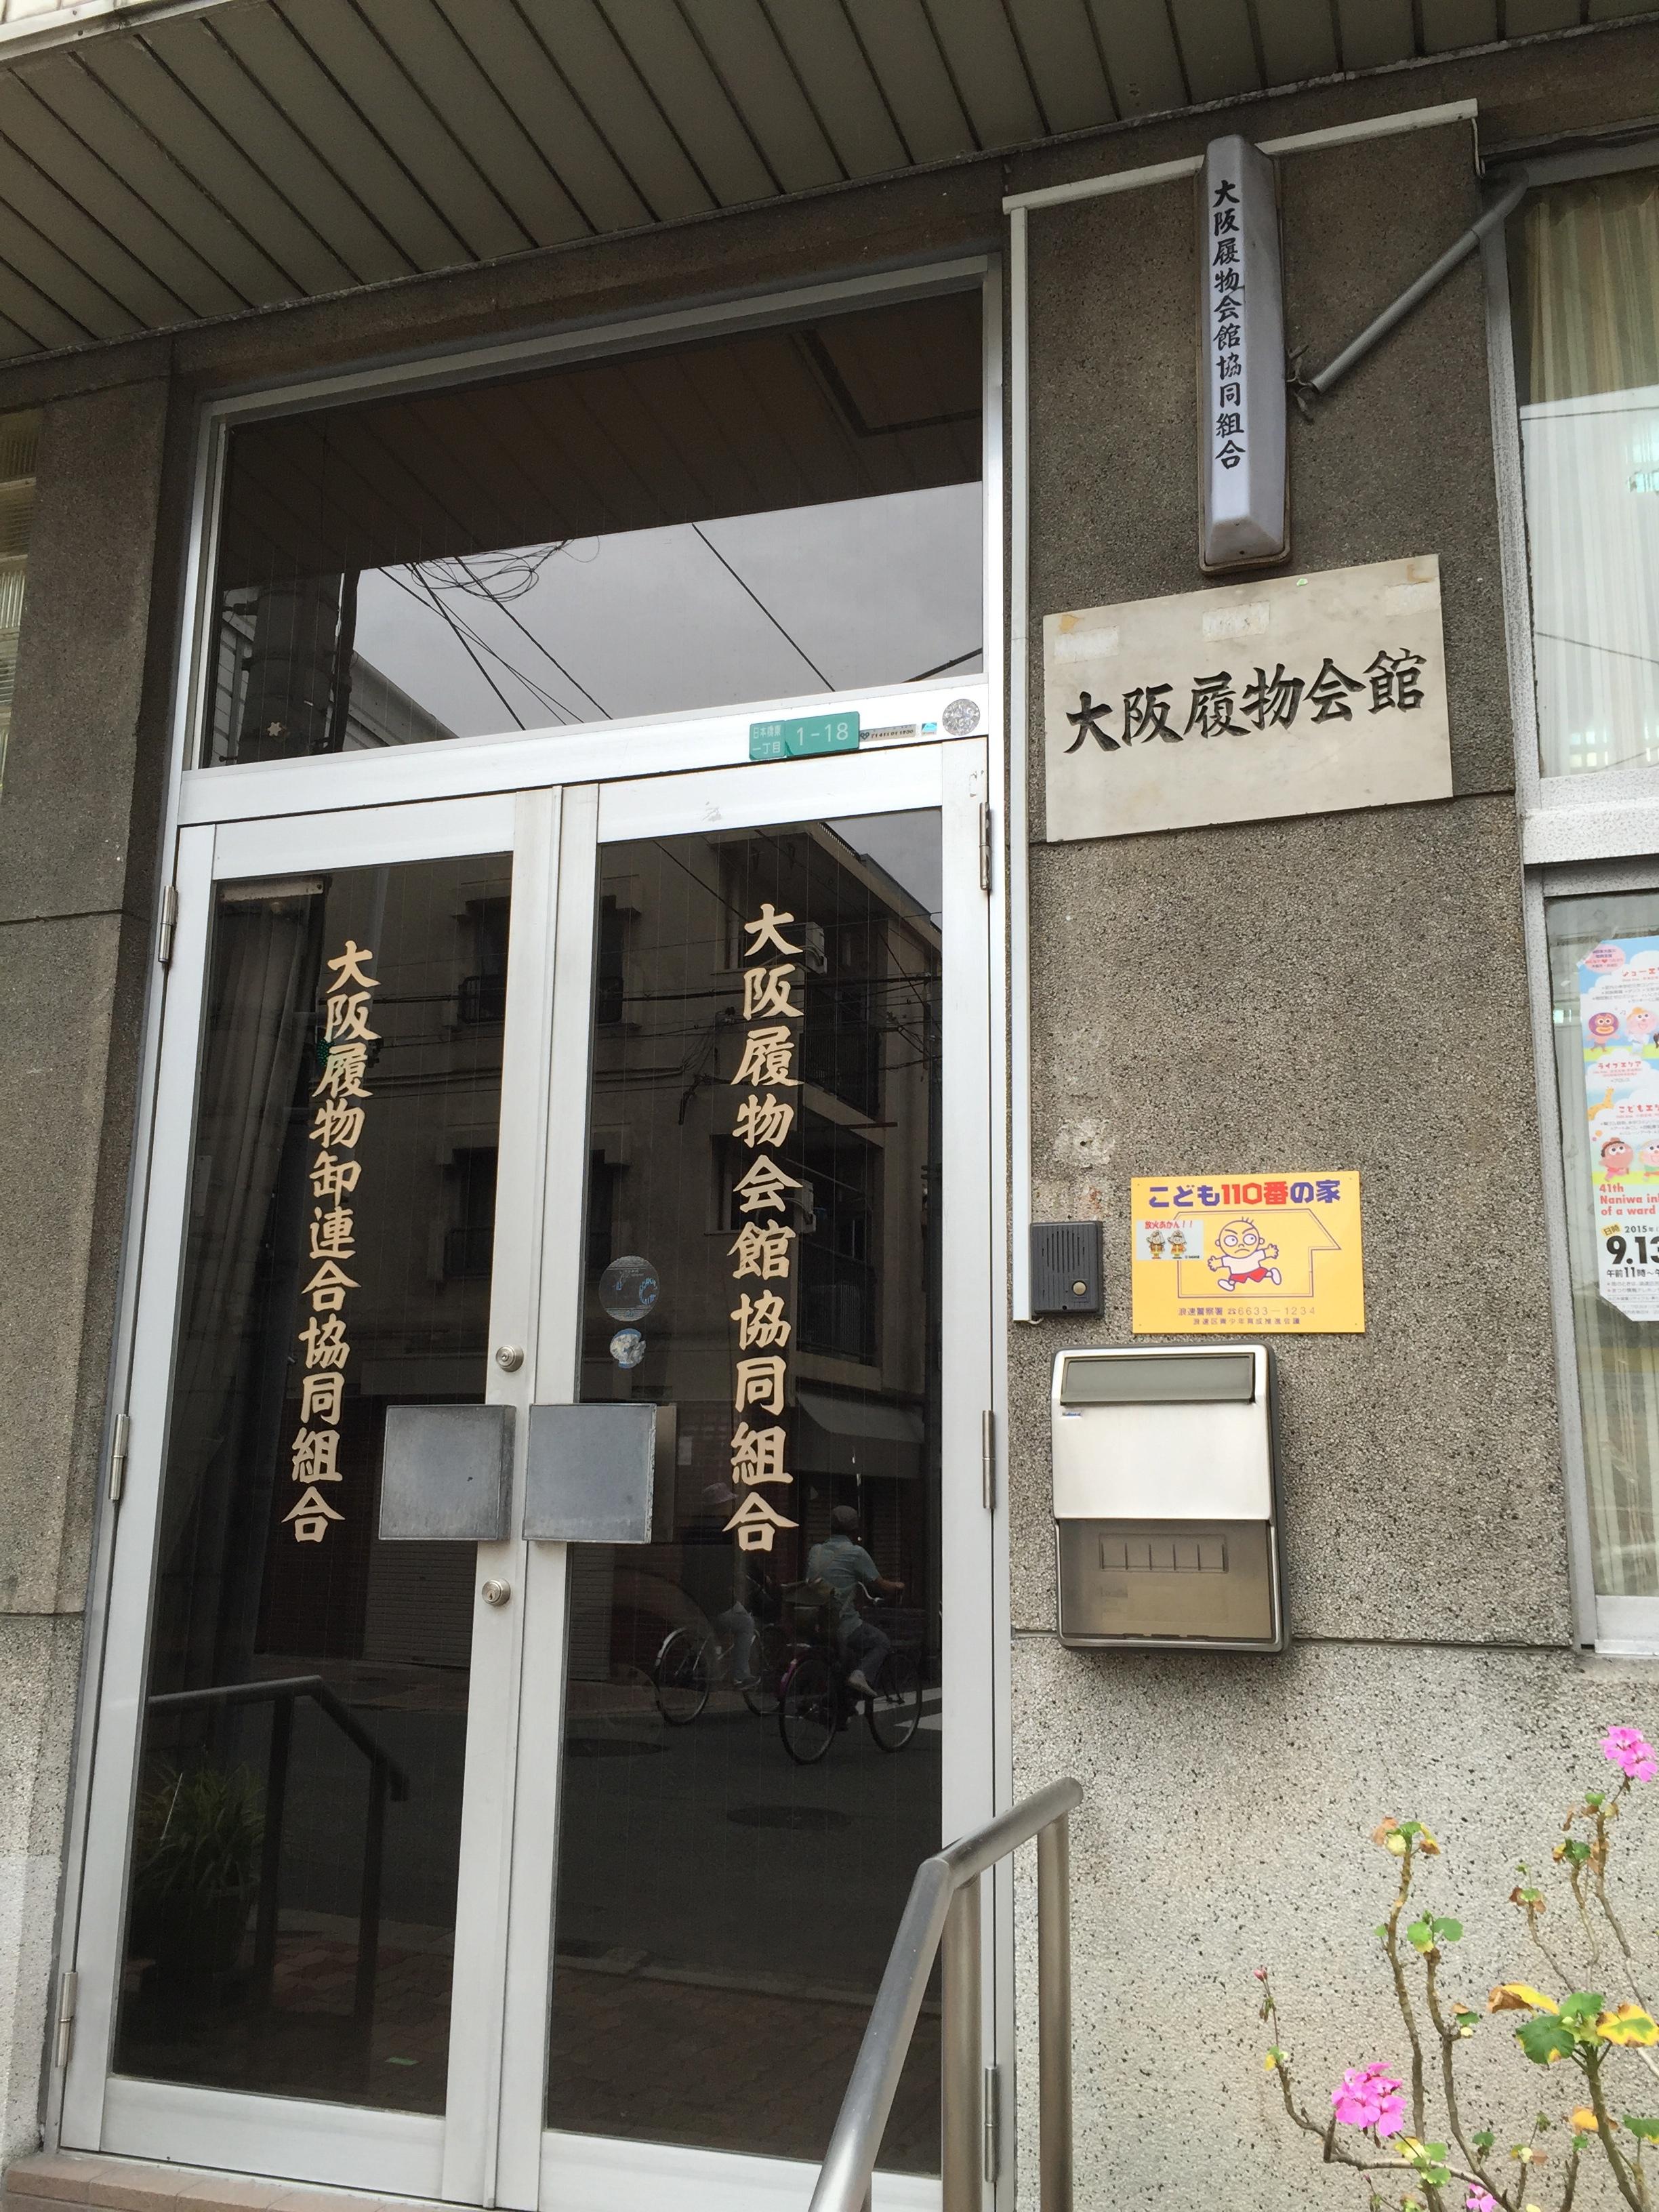 大阪履物組合